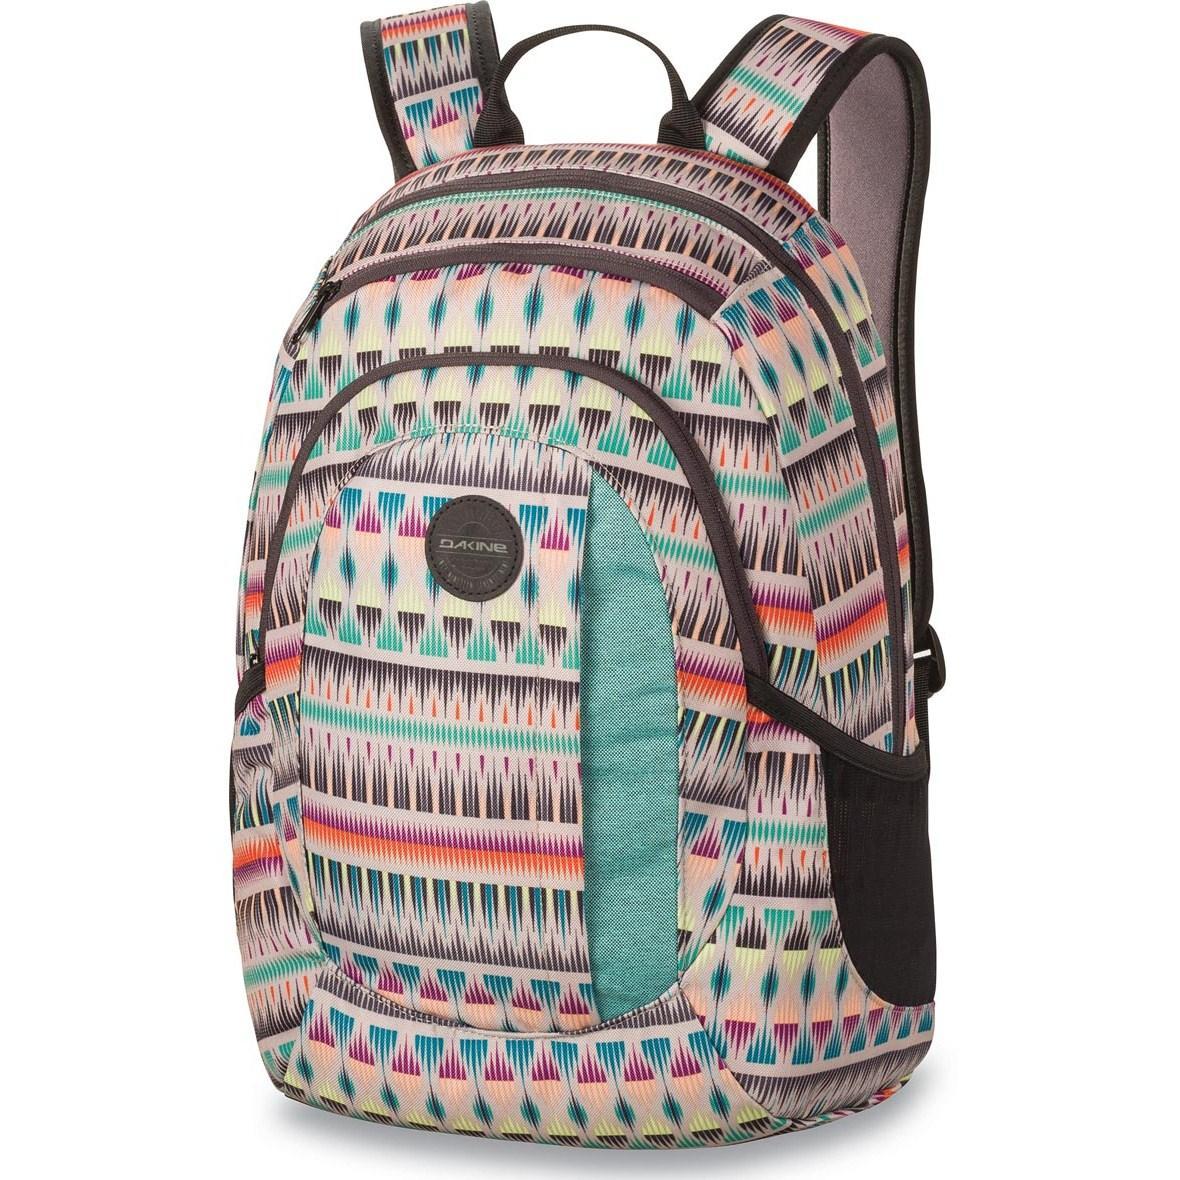 5c512b17deab Женские рюкзаки купить в интернет-магазине Dakine недорого